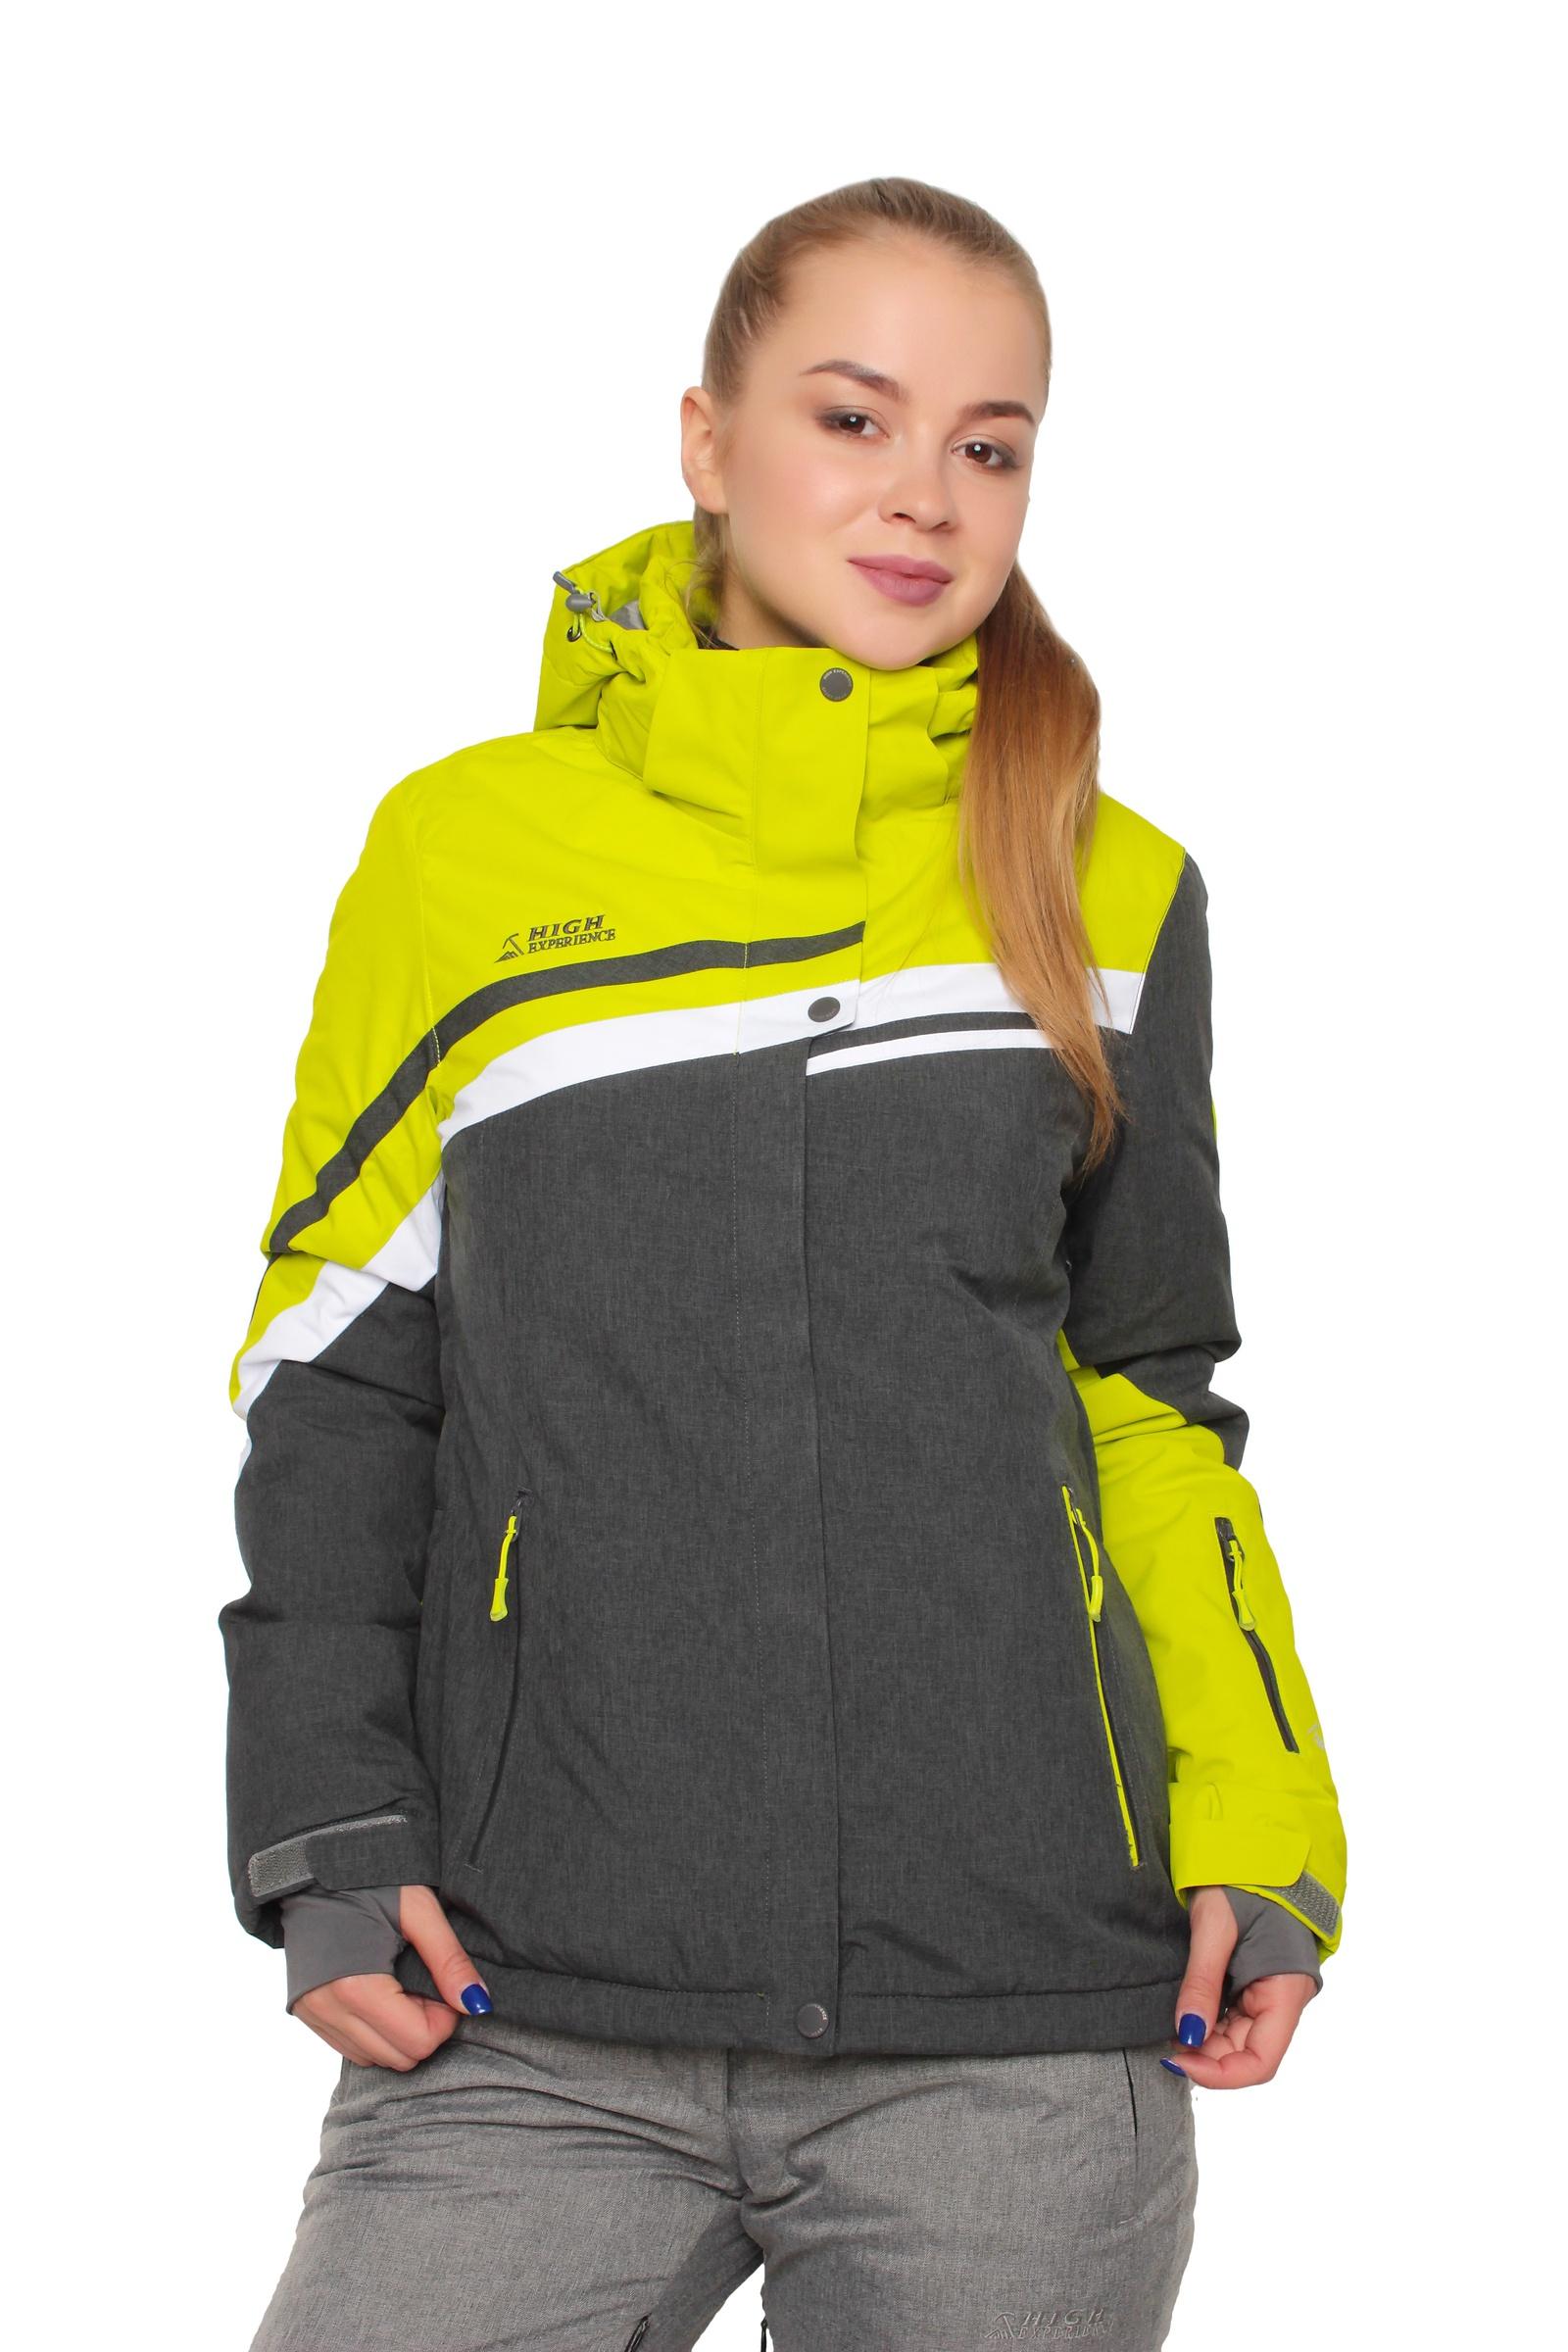 Куртка женская High Experience 7257, цвет: лимонный. Размер L (46)7257/лимонныйМодель представлена в нескольких цветовых решениях. Спортивная мембранная куртка с утеплением оснащена несколькими карманами - внутренними и внешними, удобным капюшоном и высоким воротником. Среди характеристик изделия: вентиляция, высокая степень ветрозащиты, влагонепроницаемость. Модель идеальна для занятий зимними видами спорта и активными прогулками на свежем воздухе. Характеристики мембраны: водонепроницаемость - 15000мм, паропроницаемость - 15000г/м2/24ч.